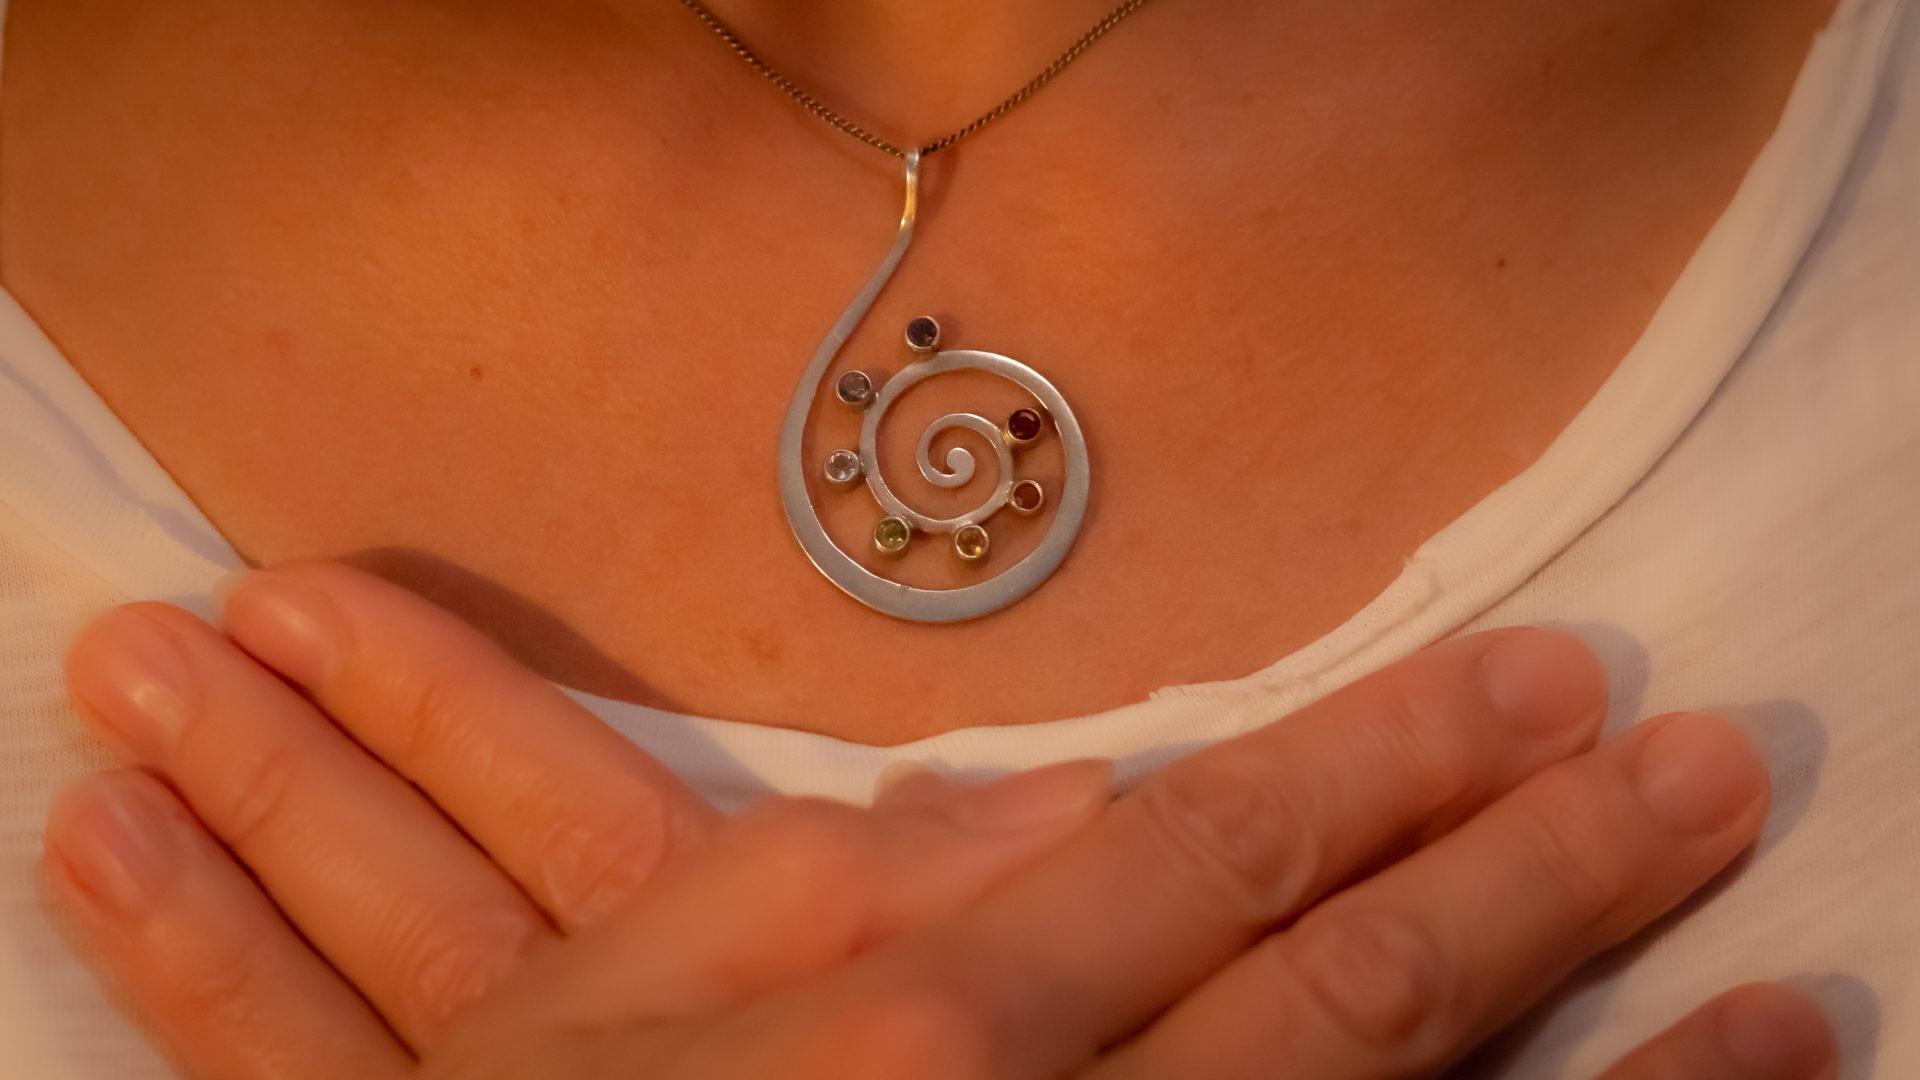 Yoga Fotografie by 44one - Detail Frau mit Kette und überkreutzten Händen auf der Brust